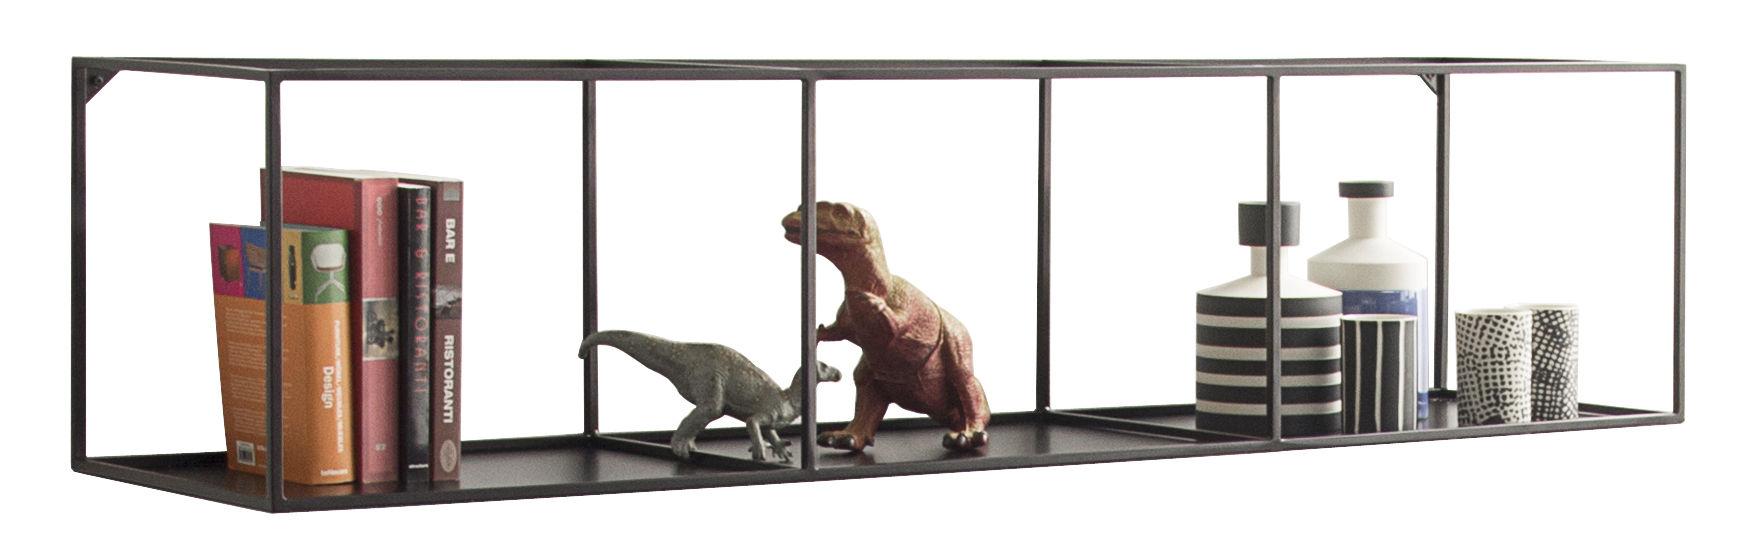 Arredamento - Scaffali e librerie - Scaffale Slim Irony - / L 124 cm di Zeus - Nero ramato - Acciaio